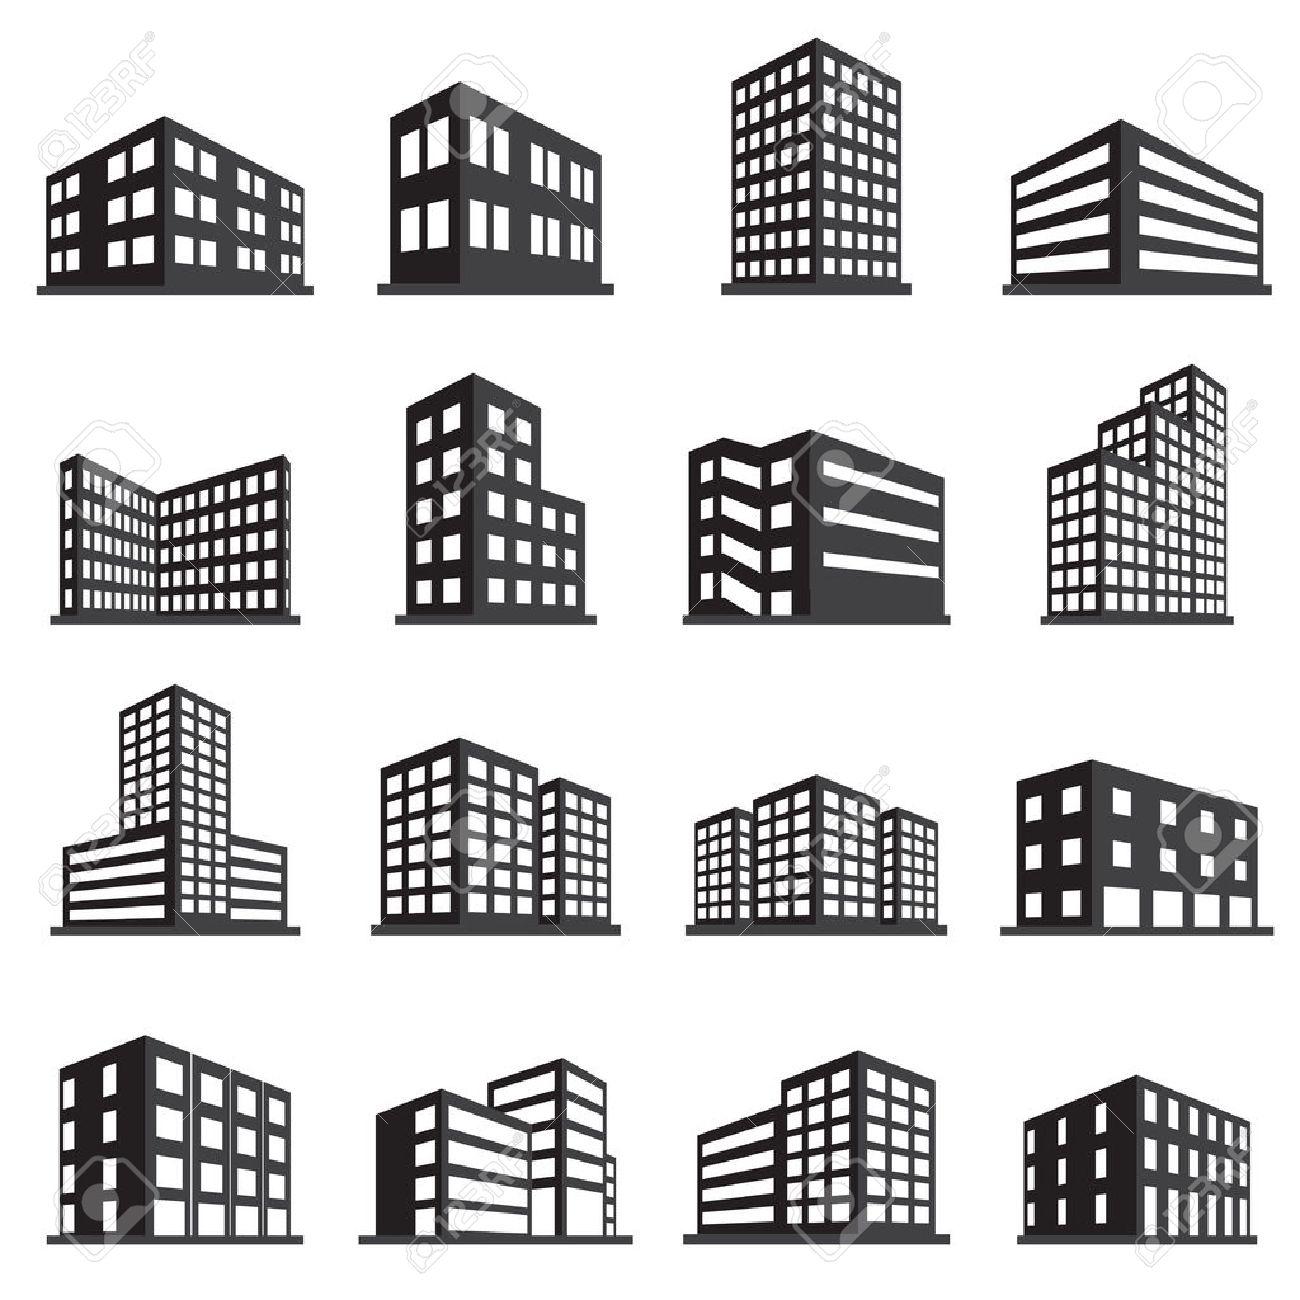 Gebaude Symbol Und Buro Icon Set Lizenzfrei Nutzbare Vektorgrafiken